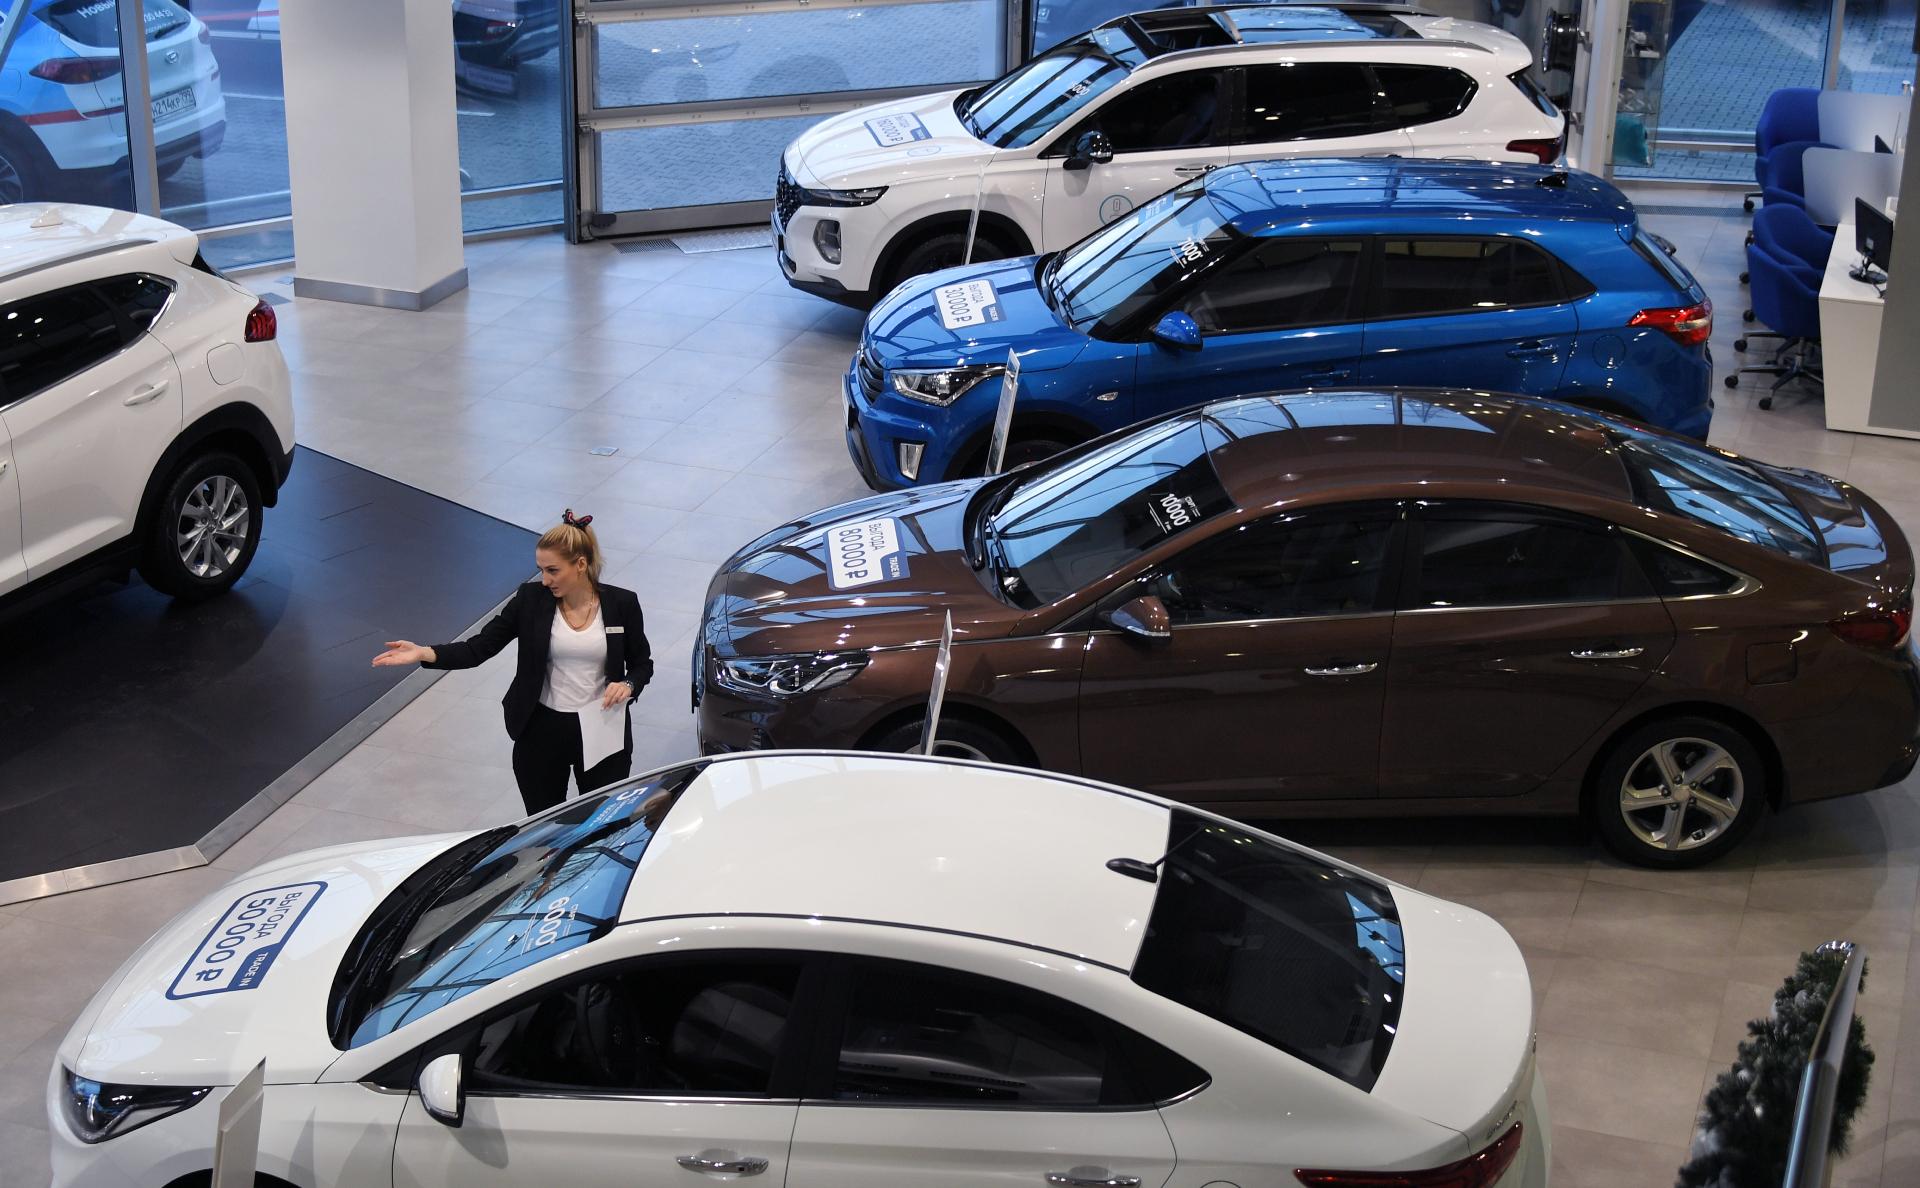 Продажа автосалонах в москве продажа залоговых автомобилей банками свердловская область